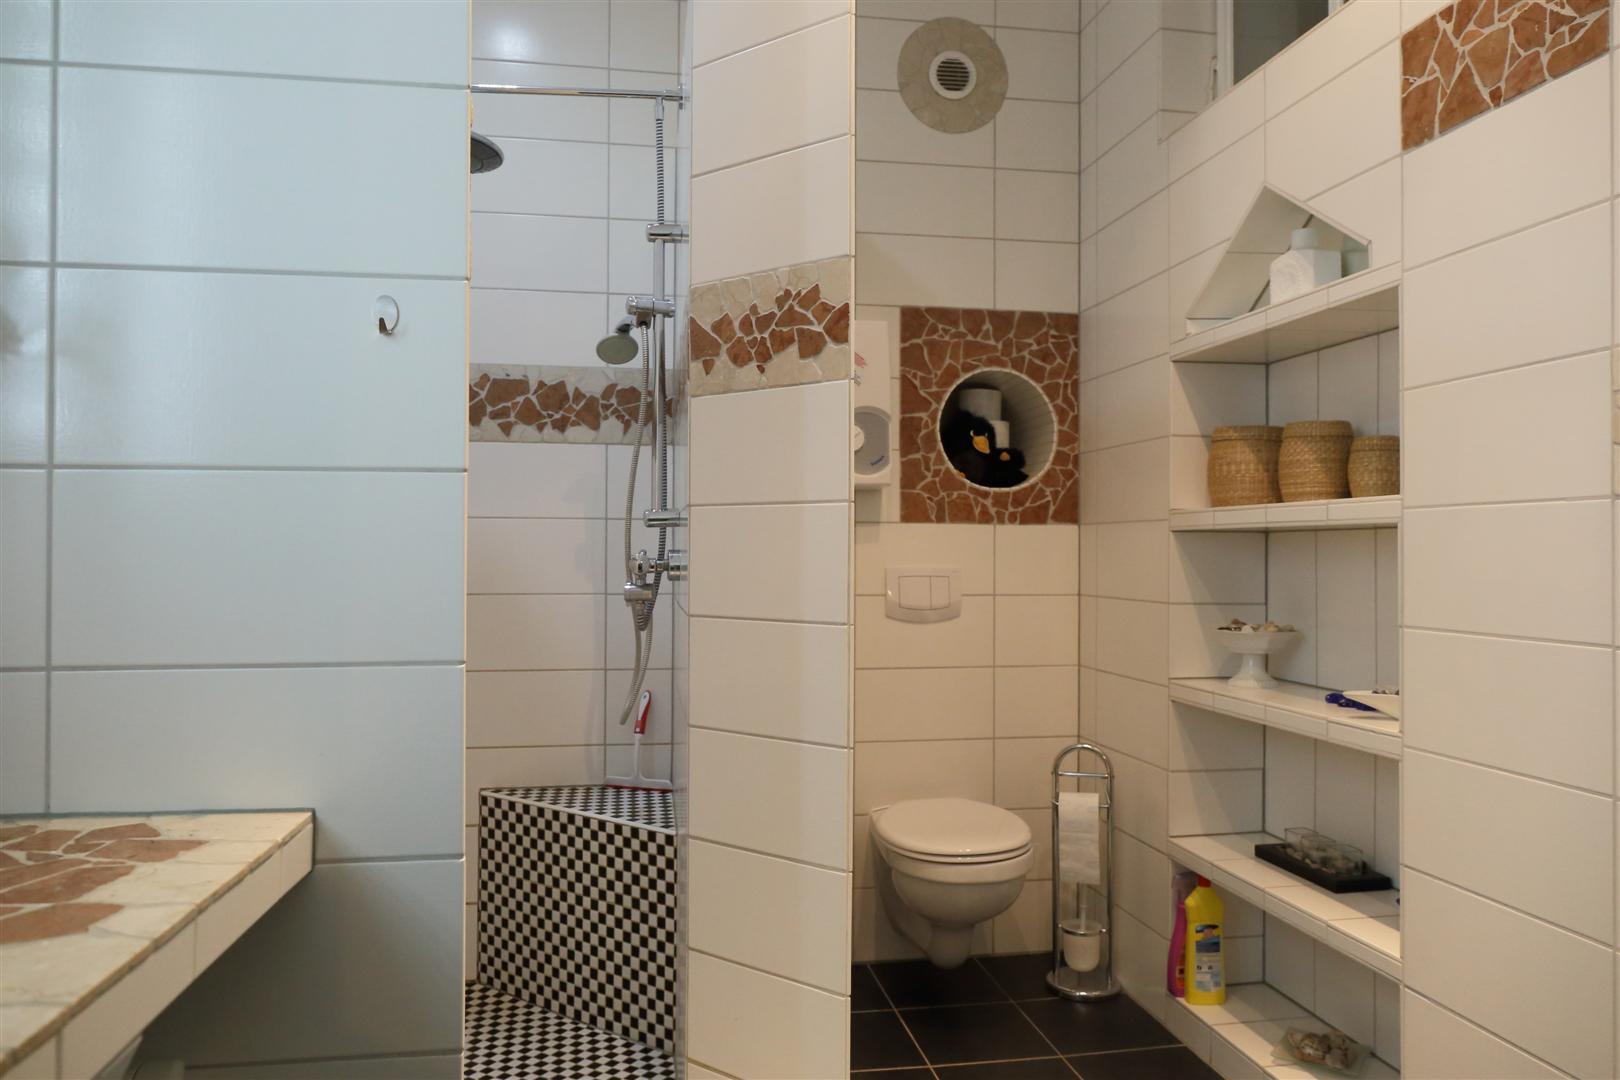 Bad-Dusche-Toilette-2 (Groß)